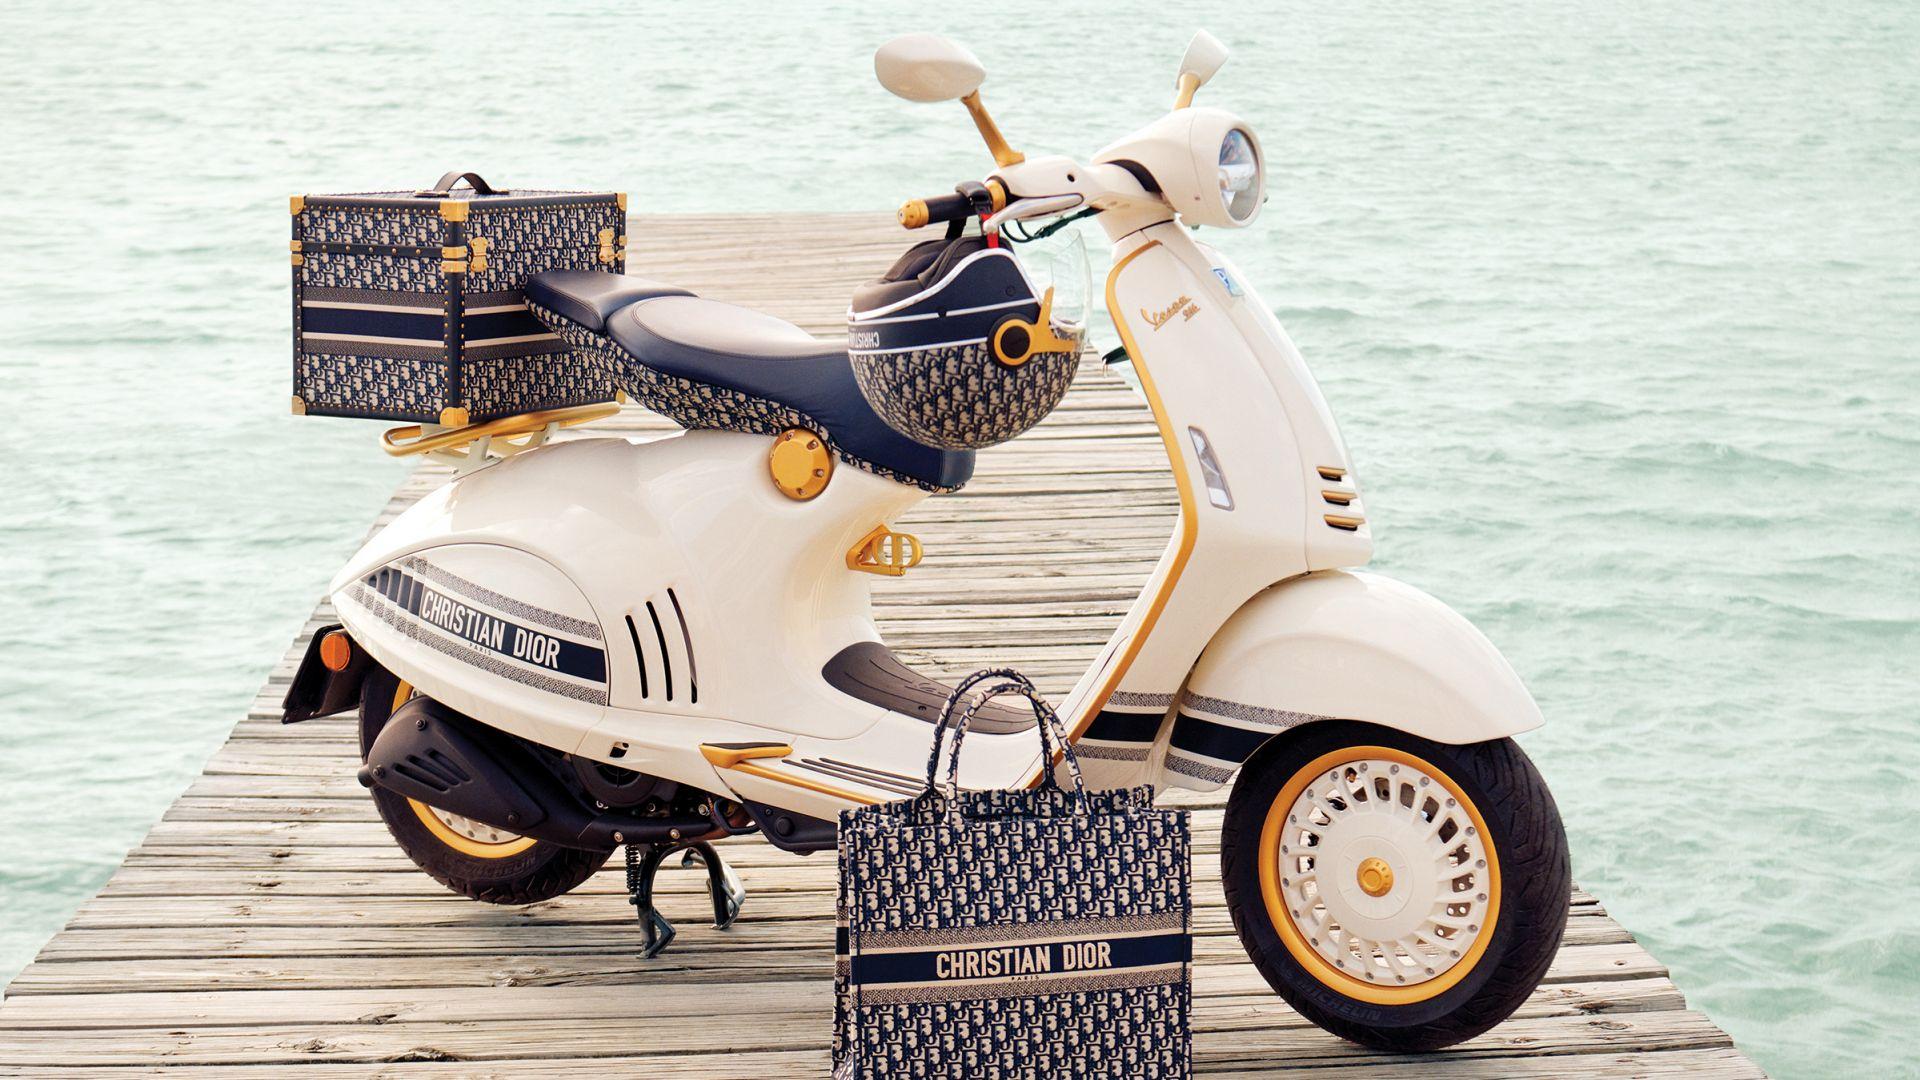 Piaggio Vespa 946 Christian Dior: foto, prezzo, uscita - MotorBox